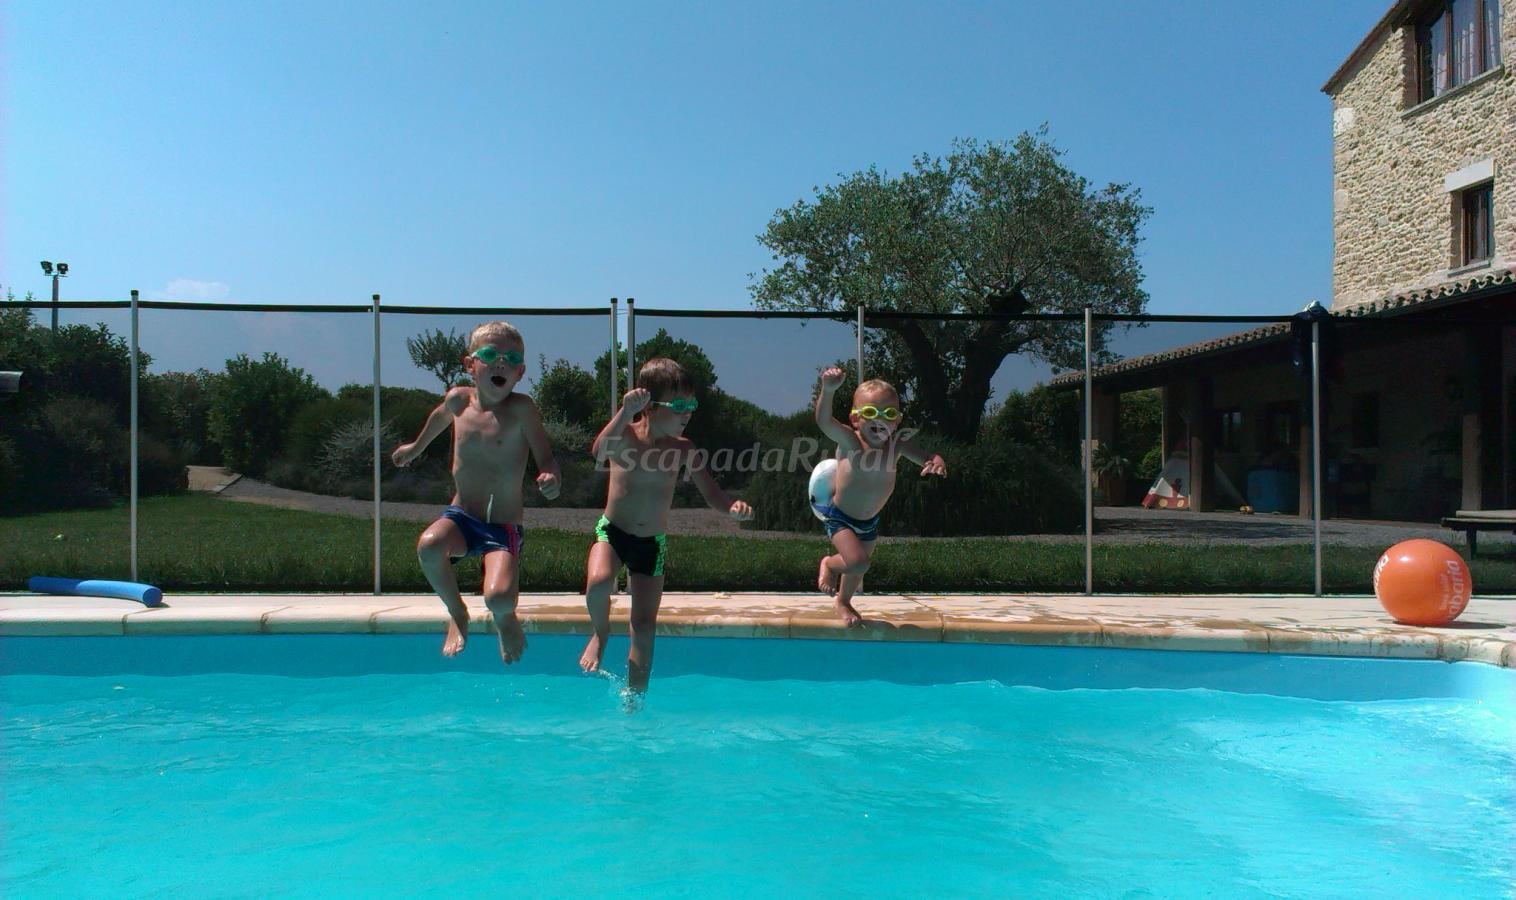 Fotos de can barrera casa rural en cornell del terri for Barrera piscina